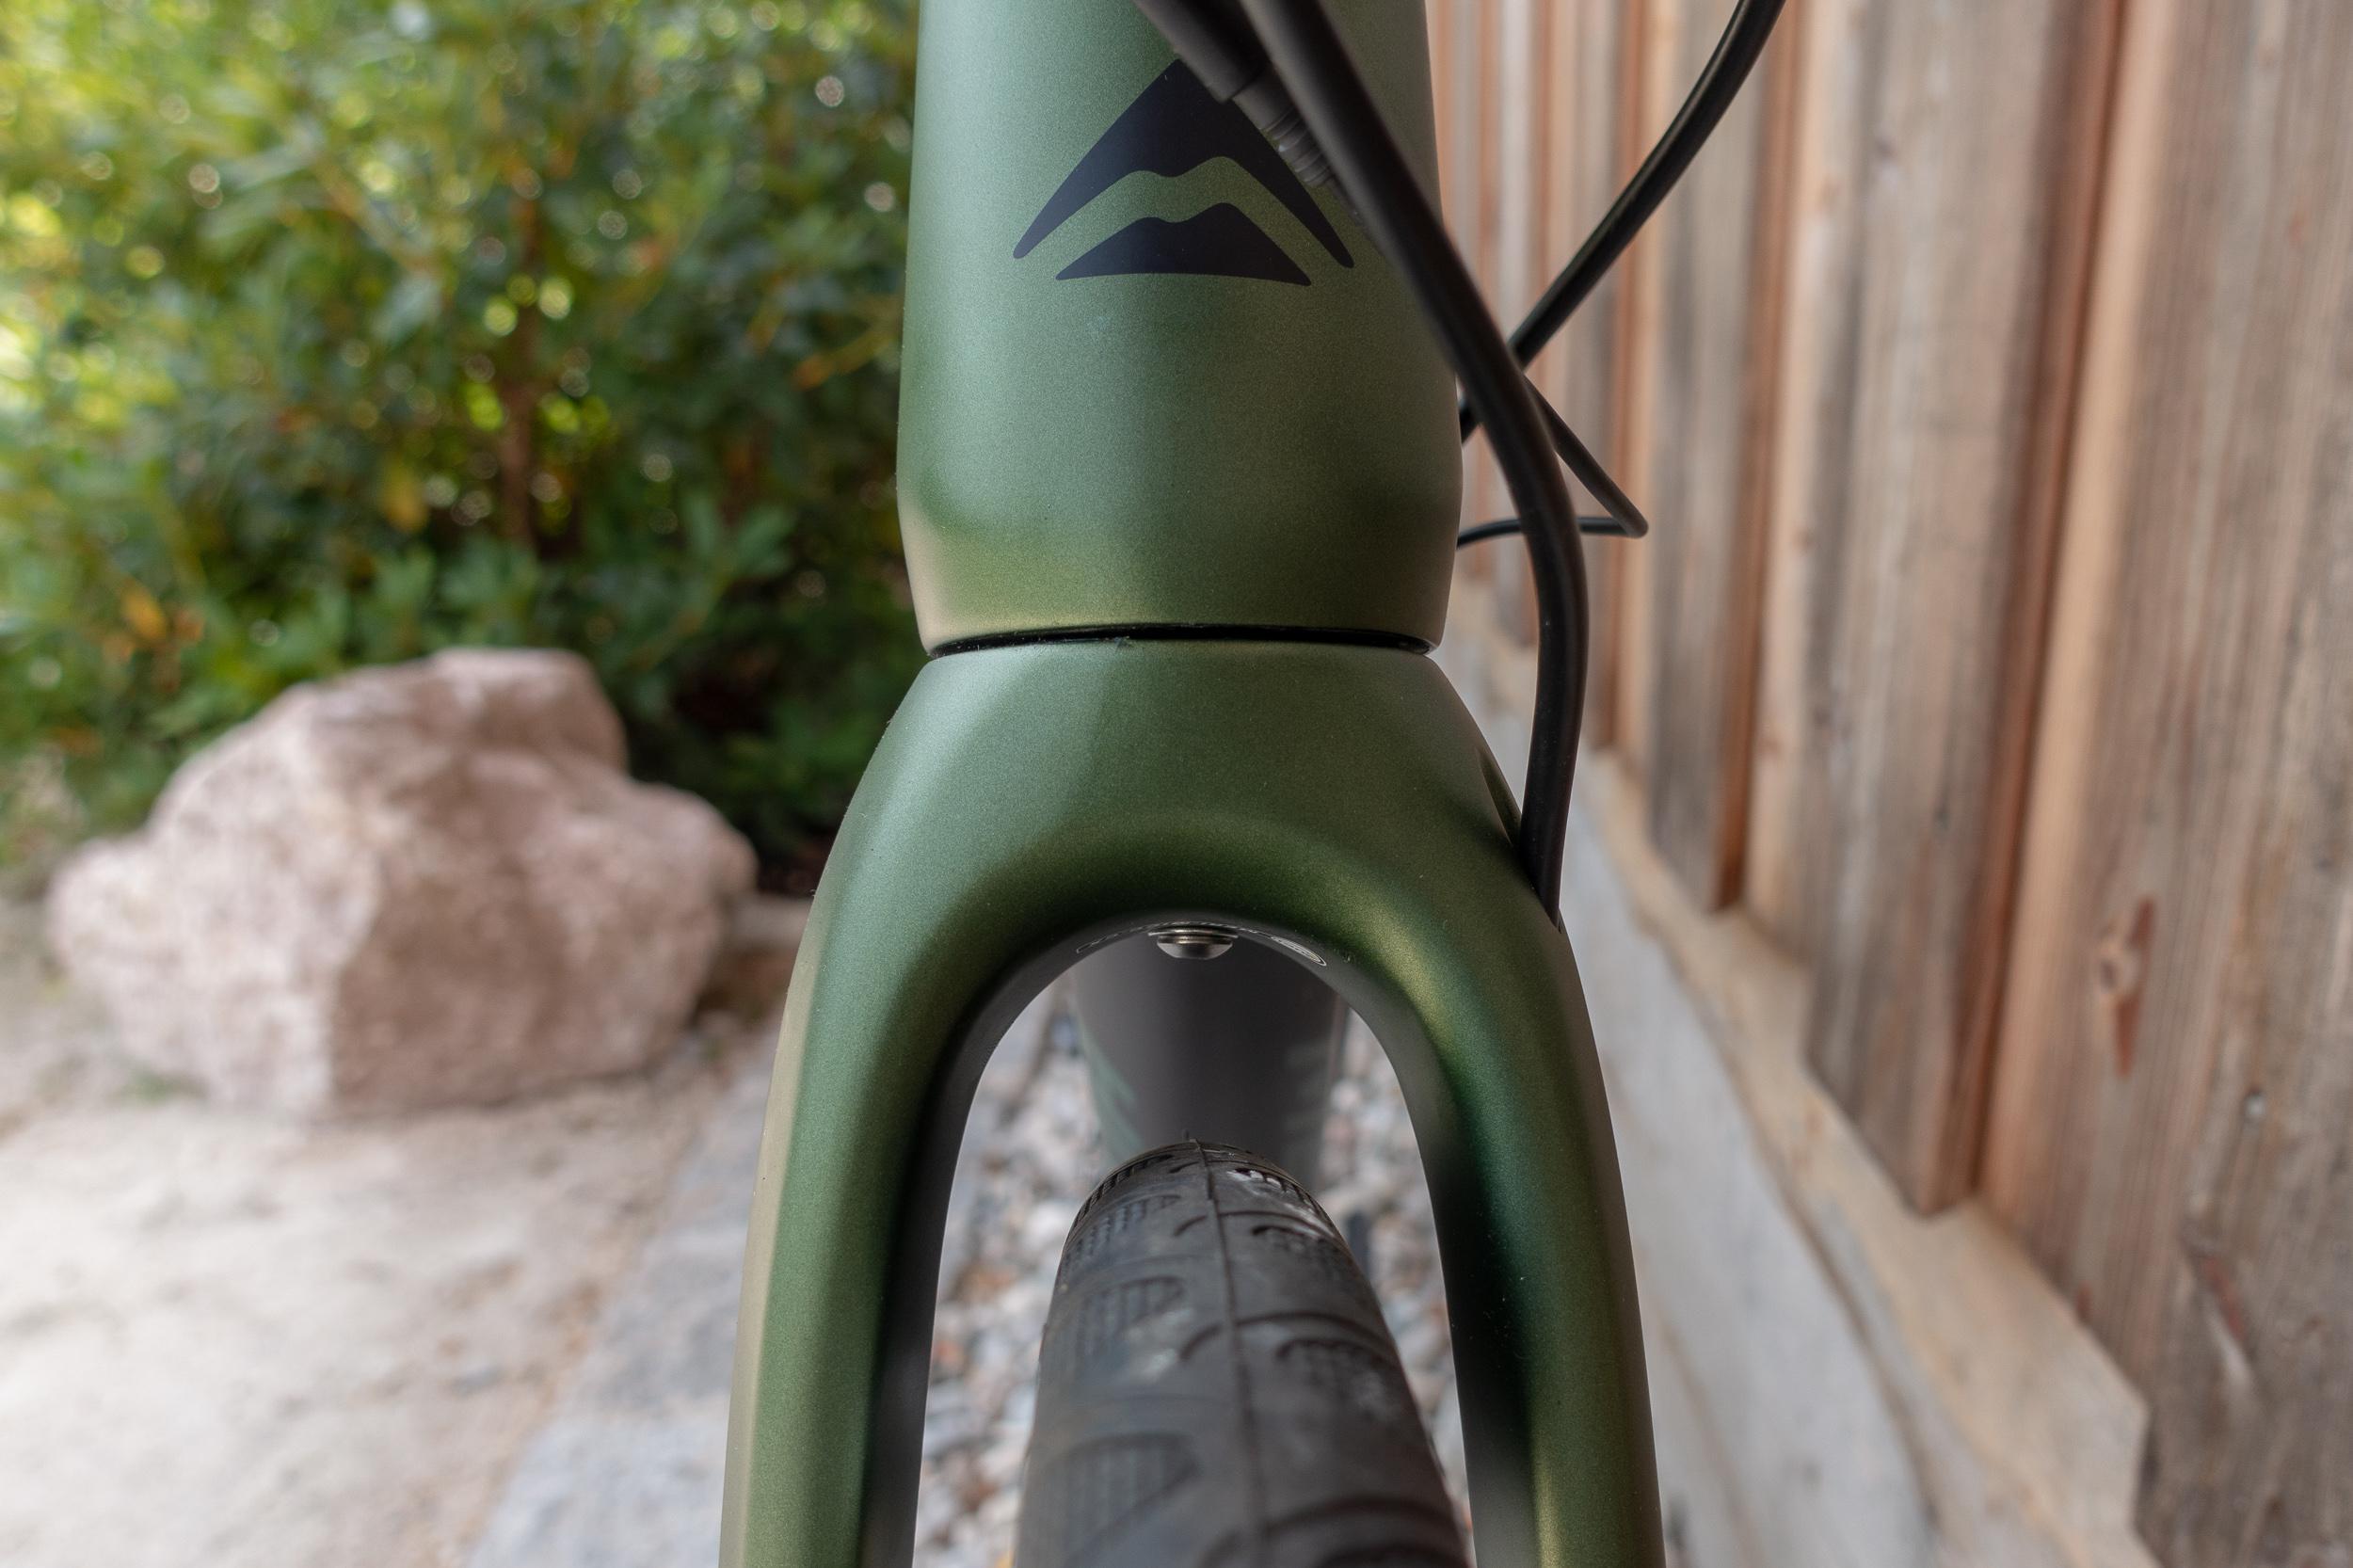 Merida gibt die maximale Reifenbreite mit 42 mm an; 35 mm bleiben mit montierten Kotflügeln